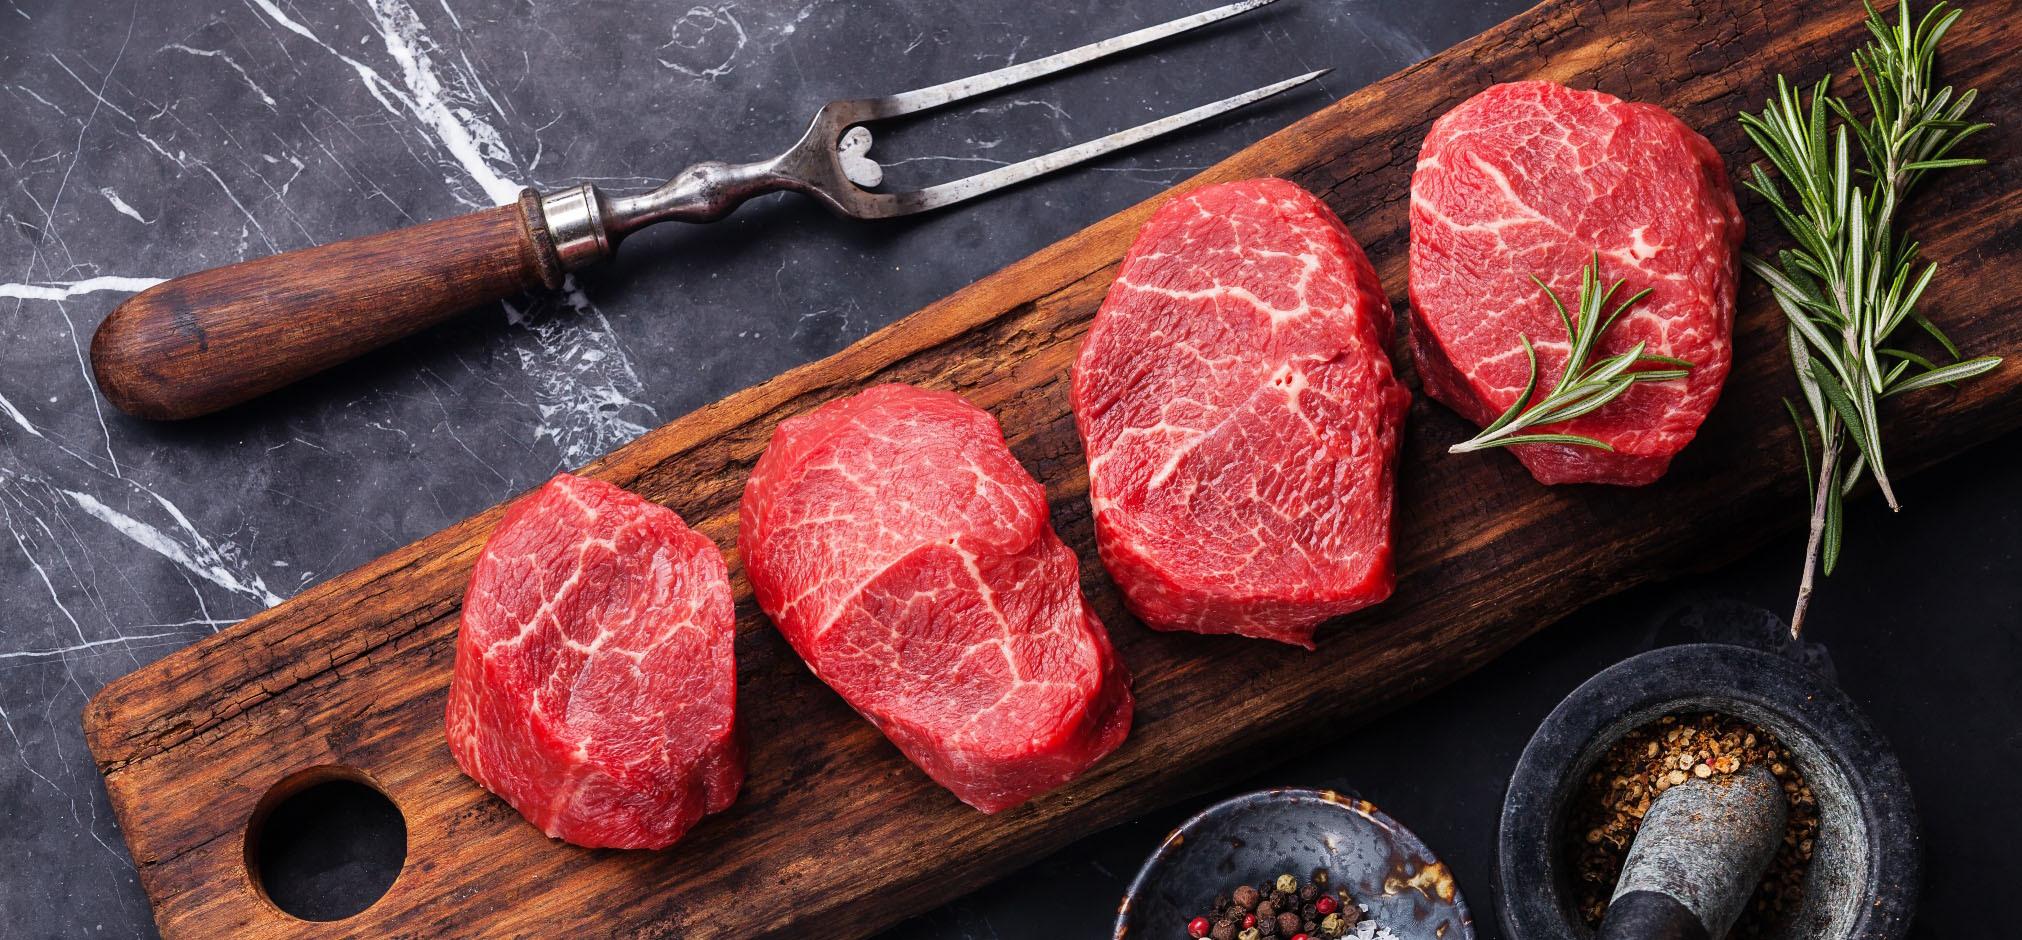 Учёные доказали связь между употреблением красного мяса и раком